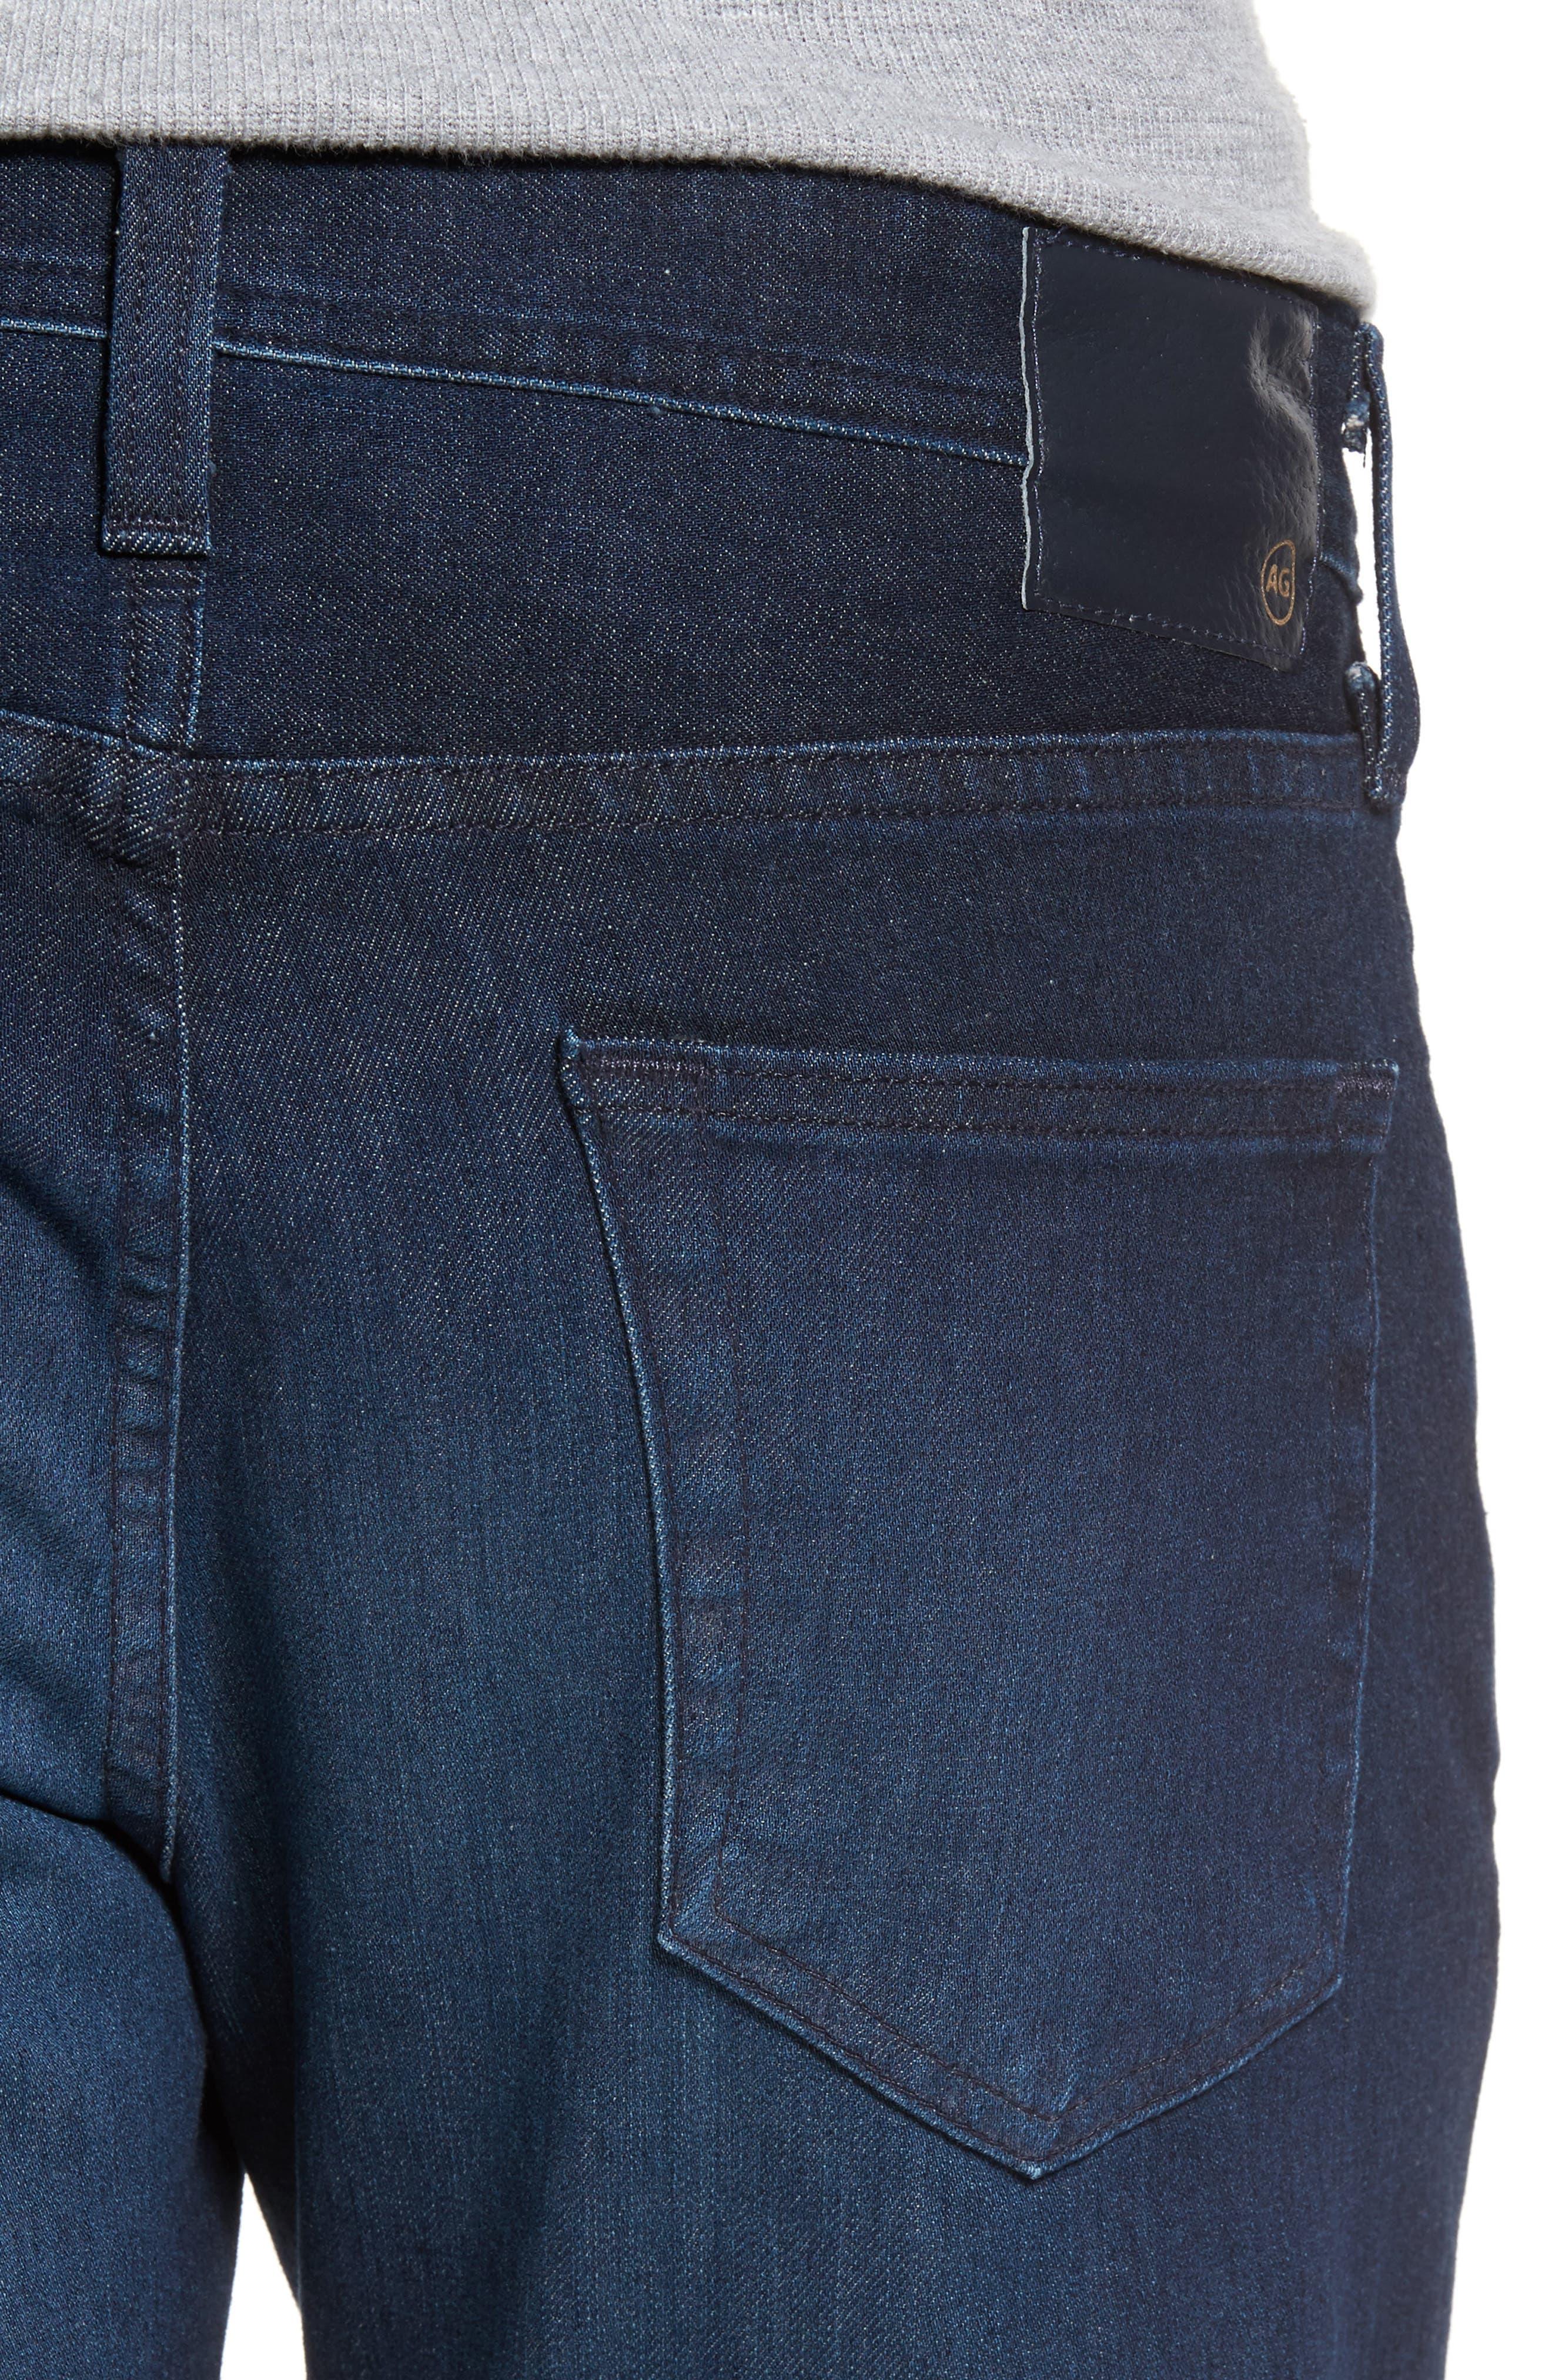 Tellis Slim Leg Jeans,                             Alternate thumbnail 4, color,                             Vibe